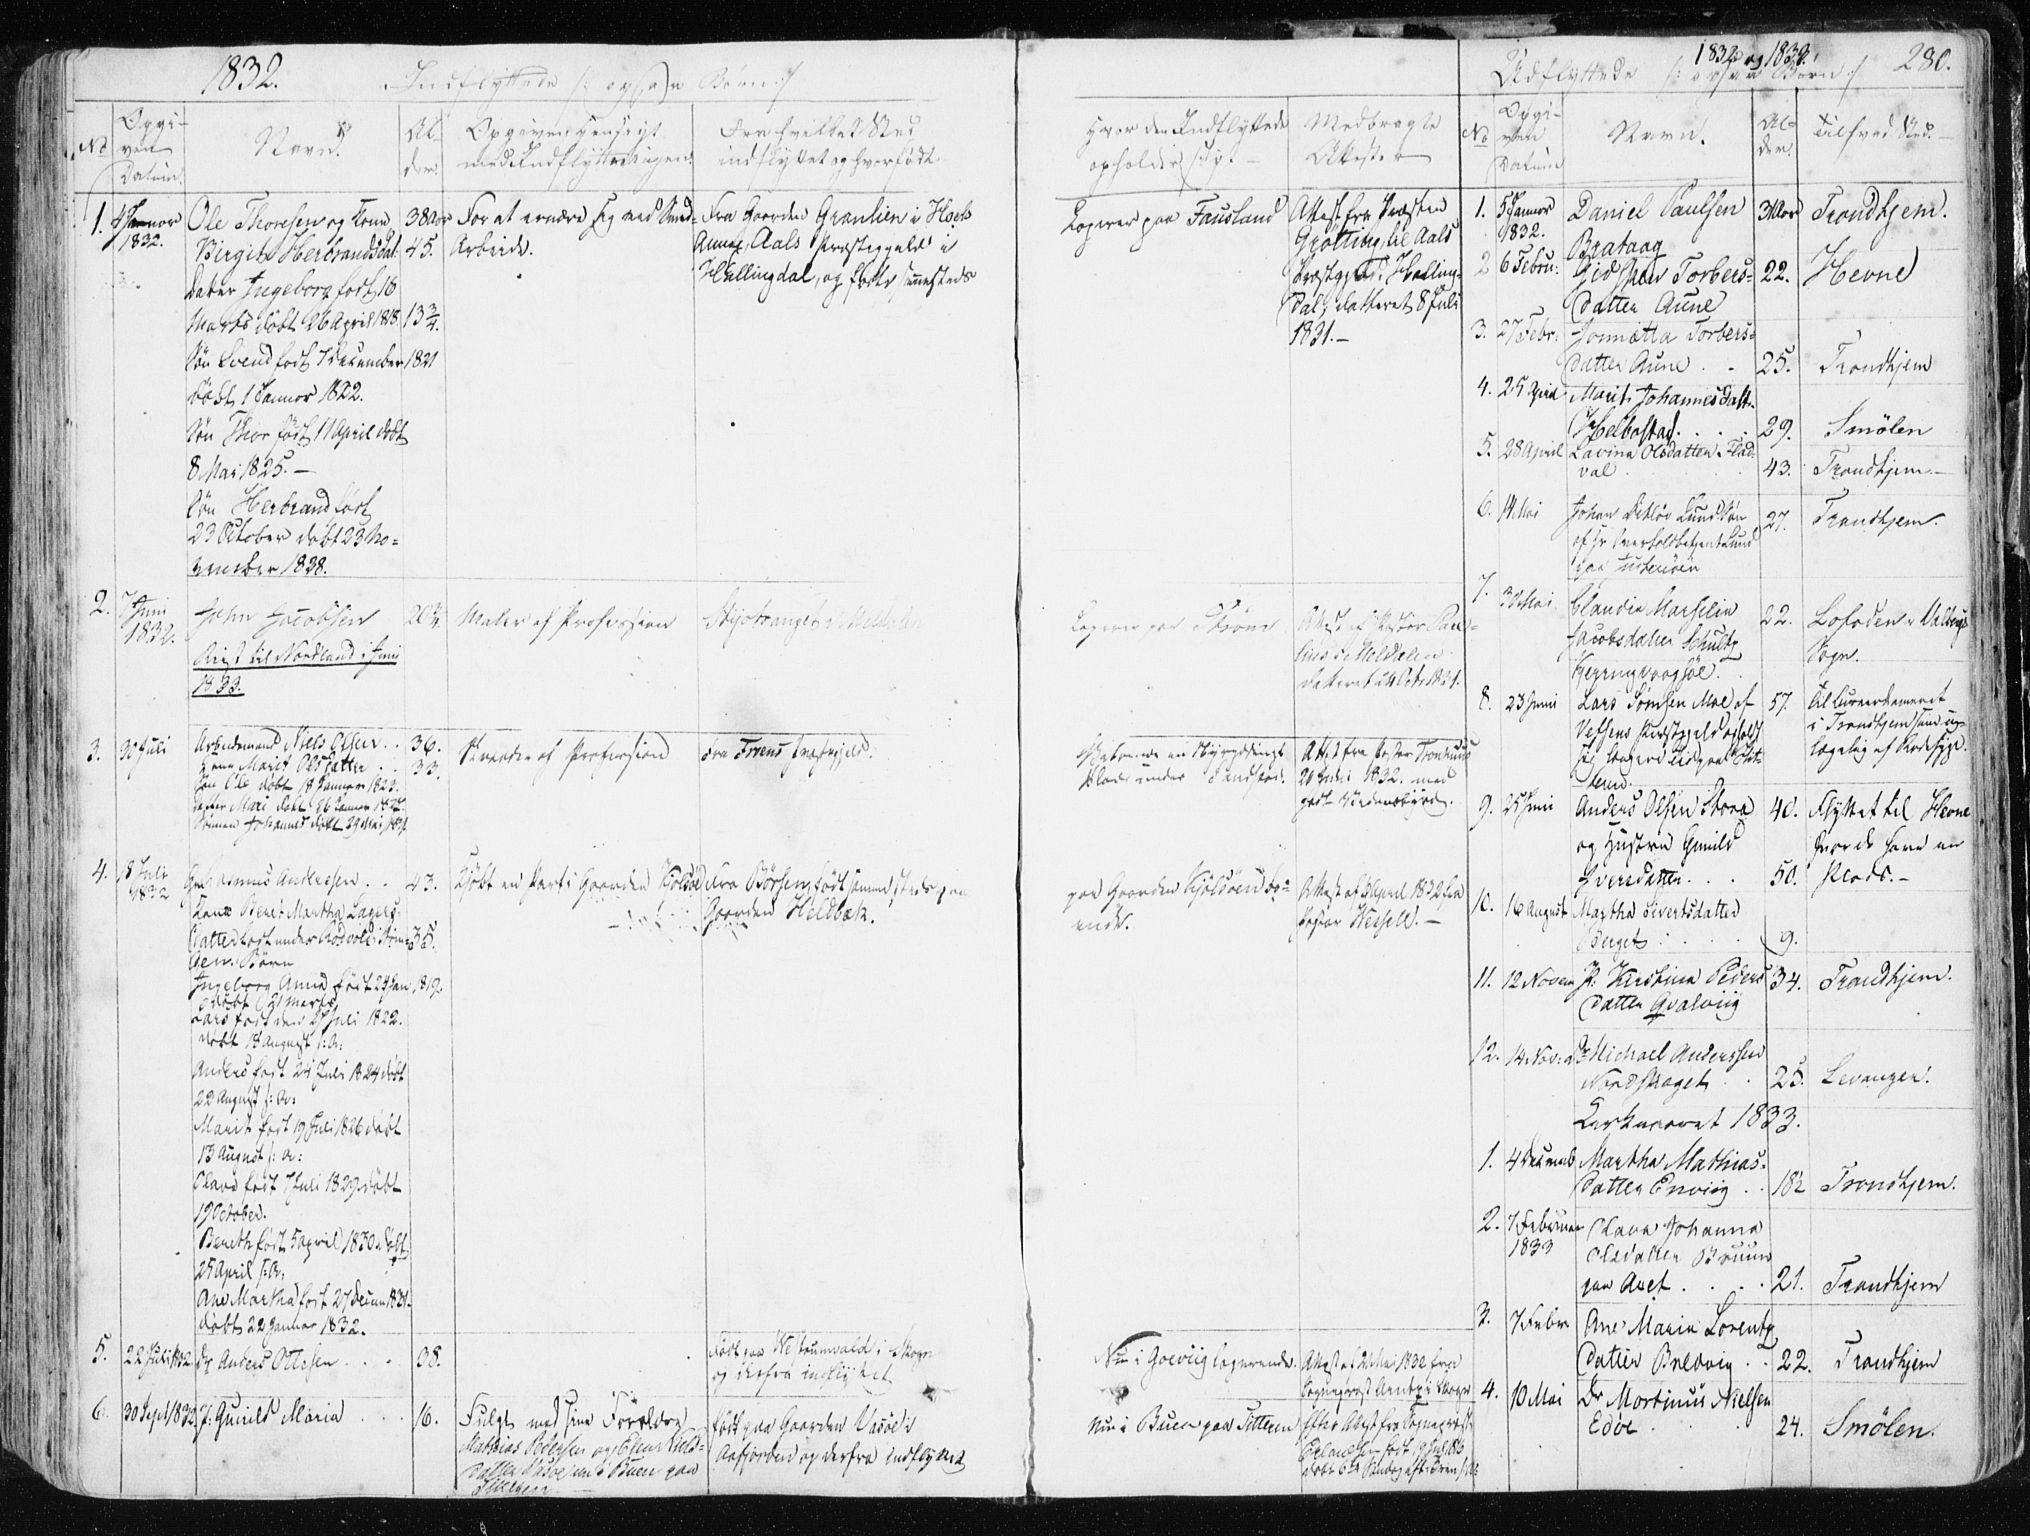 SAT, Ministerialprotokoller, klokkerbøker og fødselsregistre - Sør-Trøndelag, 634/L0528: Ministerialbok nr. 634A04, 1827-1842, s. 280